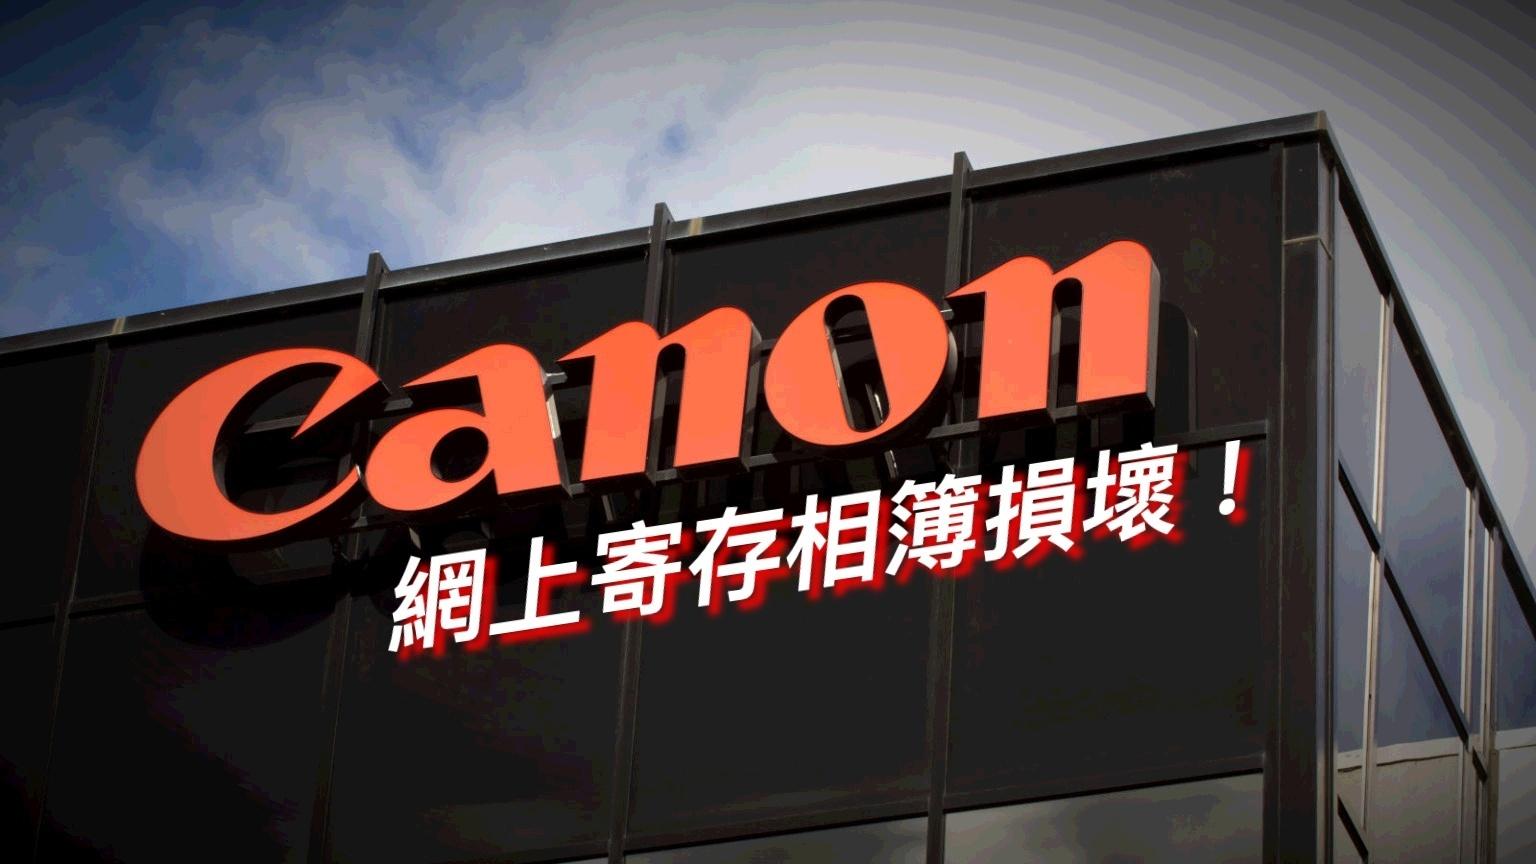 Canon 網上相簿出事 用戶寄存影像無法下載